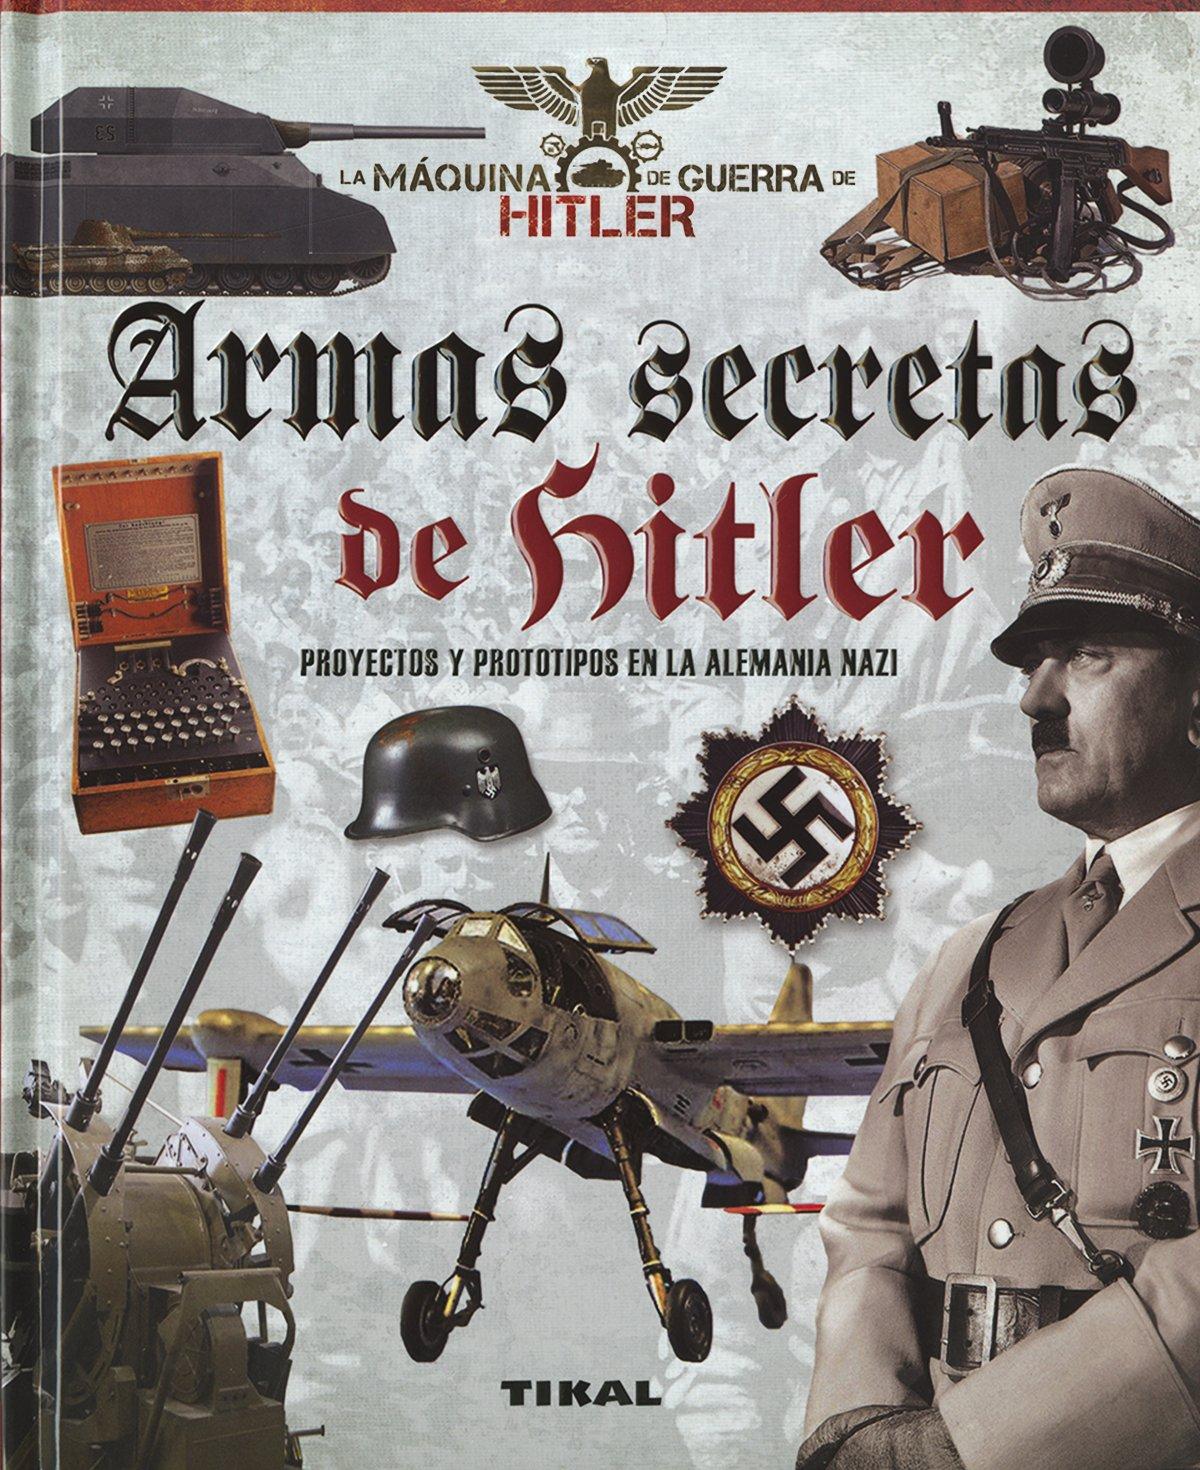 Proyectos y prototipos de la Alemania nazi La máquina de guerra de Hitler: Amazon.es: Tikal Ediciones S A: Libros